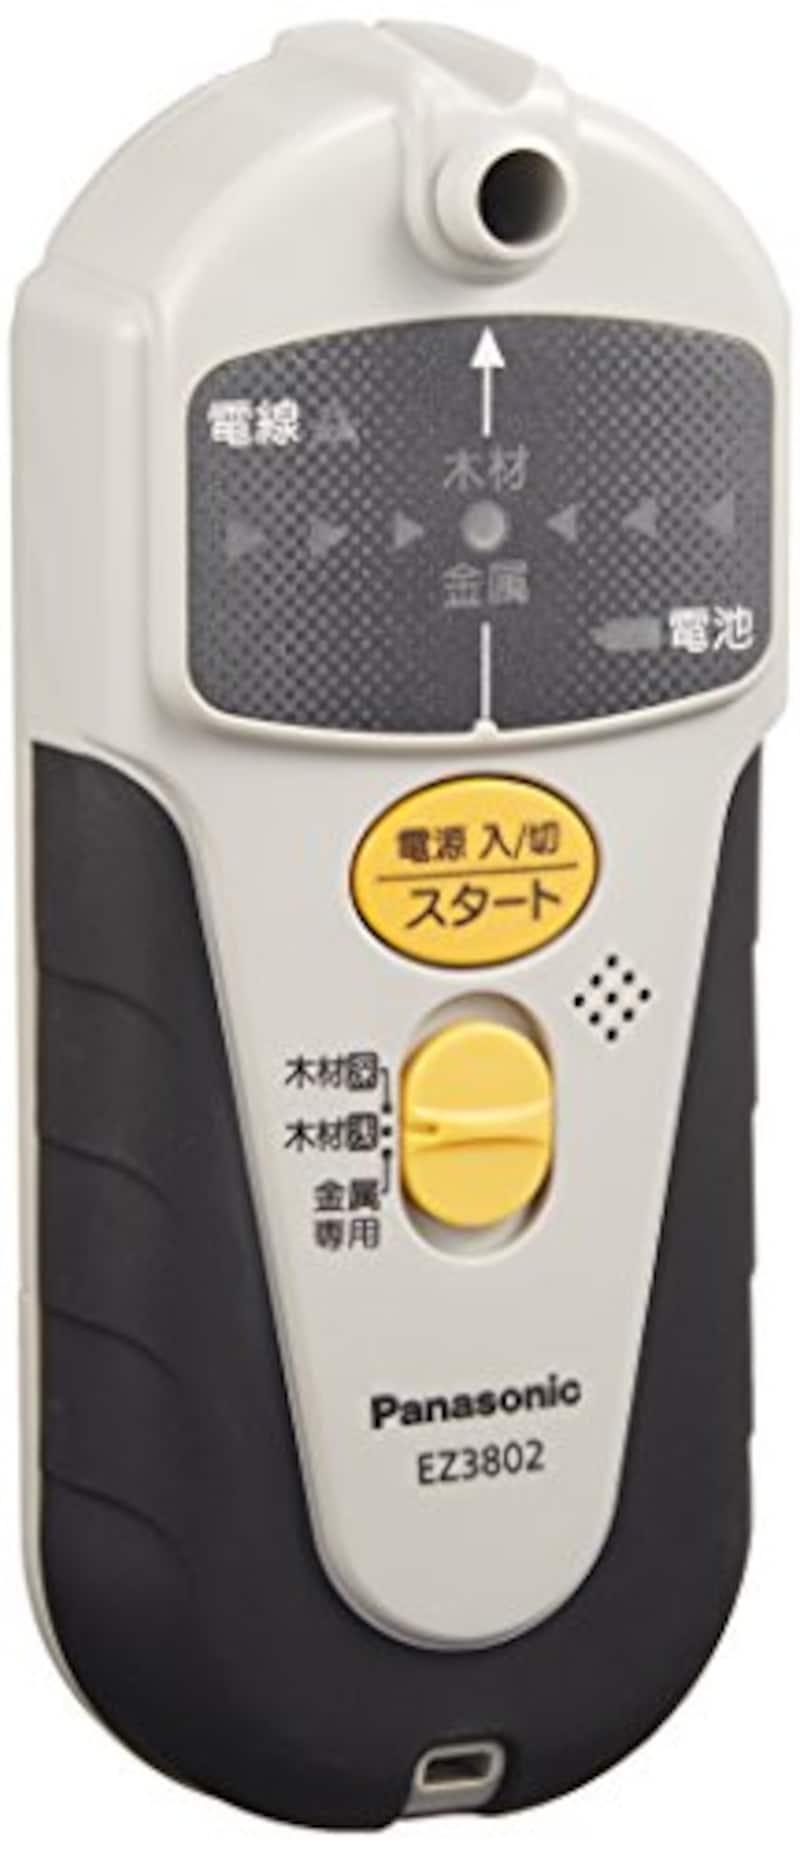 パナソニック,壁裏センサー 内装材専用 プロ用電動工具,EZ3802